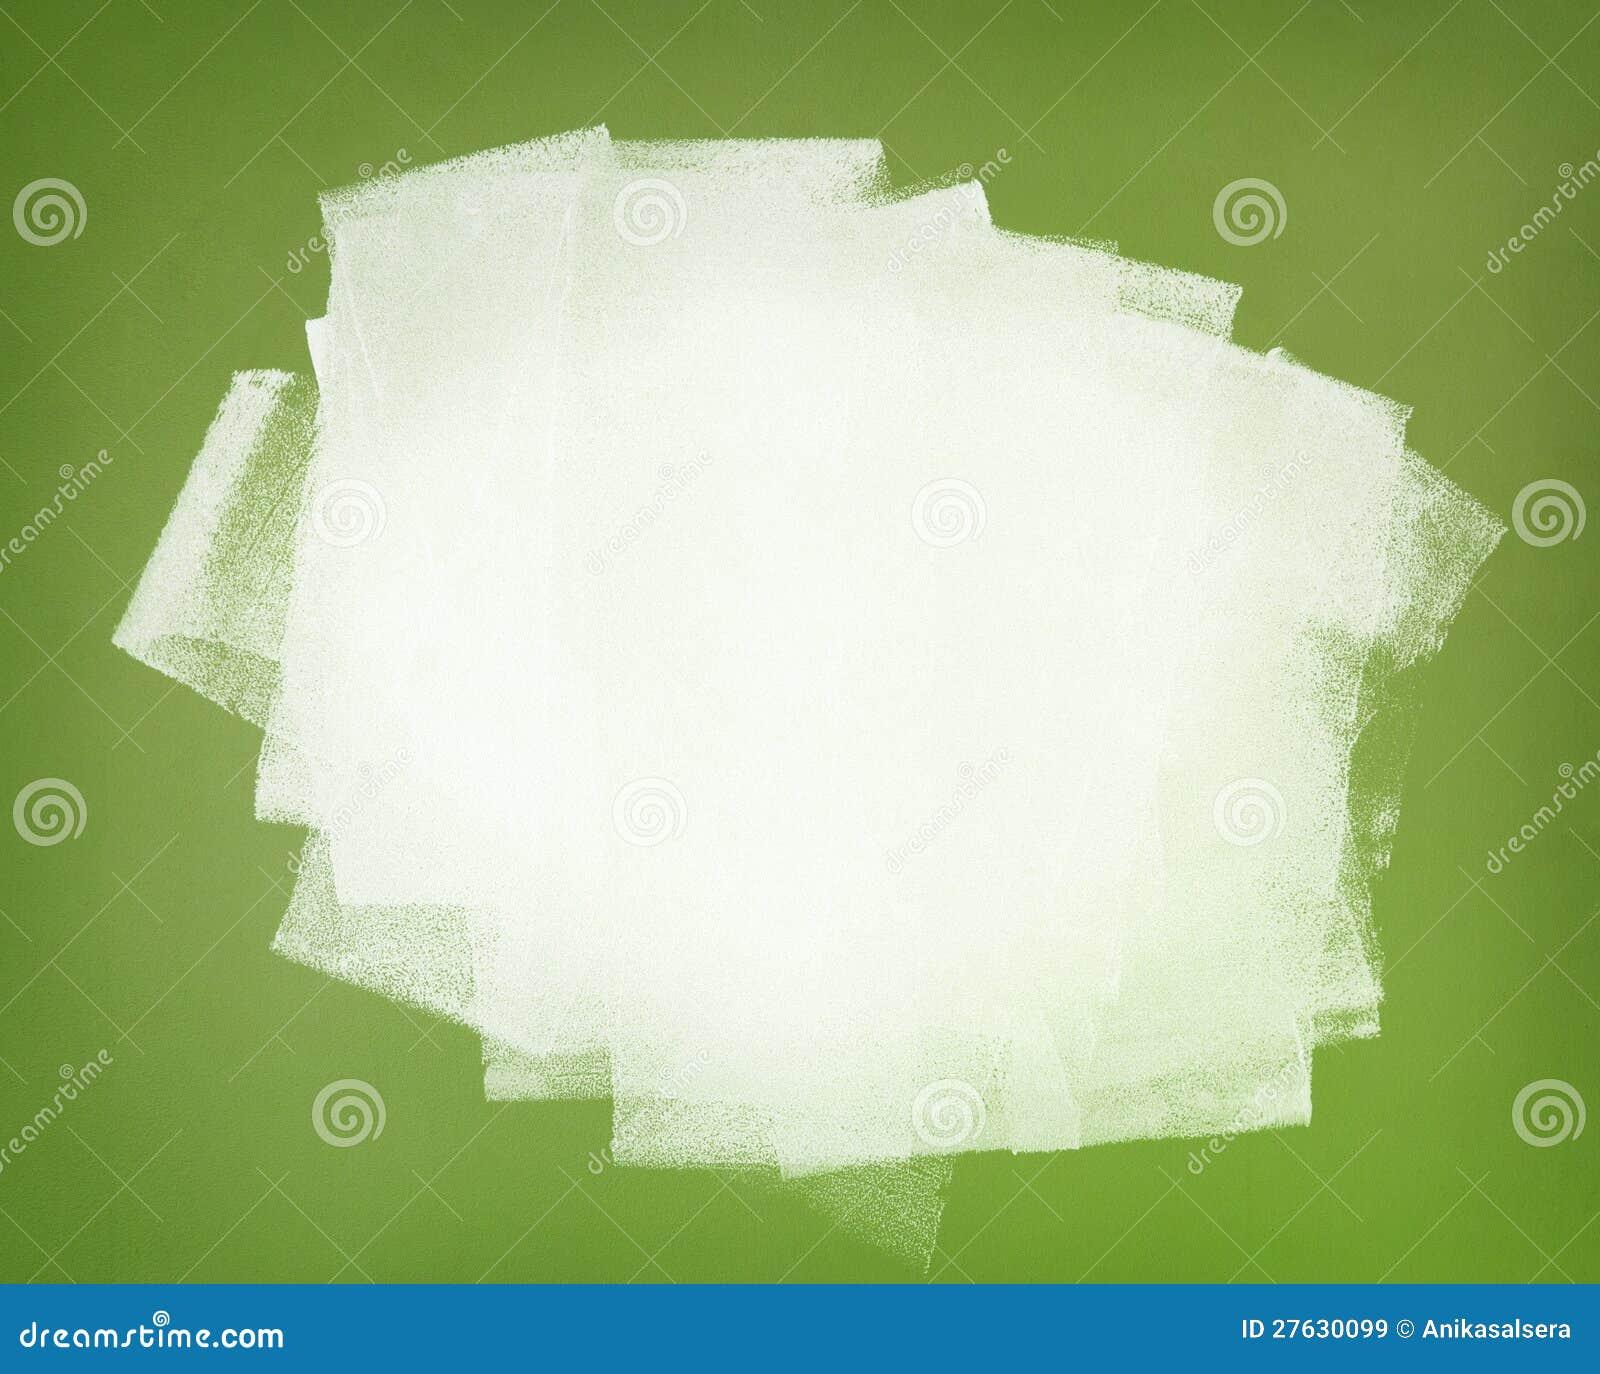 Weißer Lack. Brushstrokes auf grüner Wand.